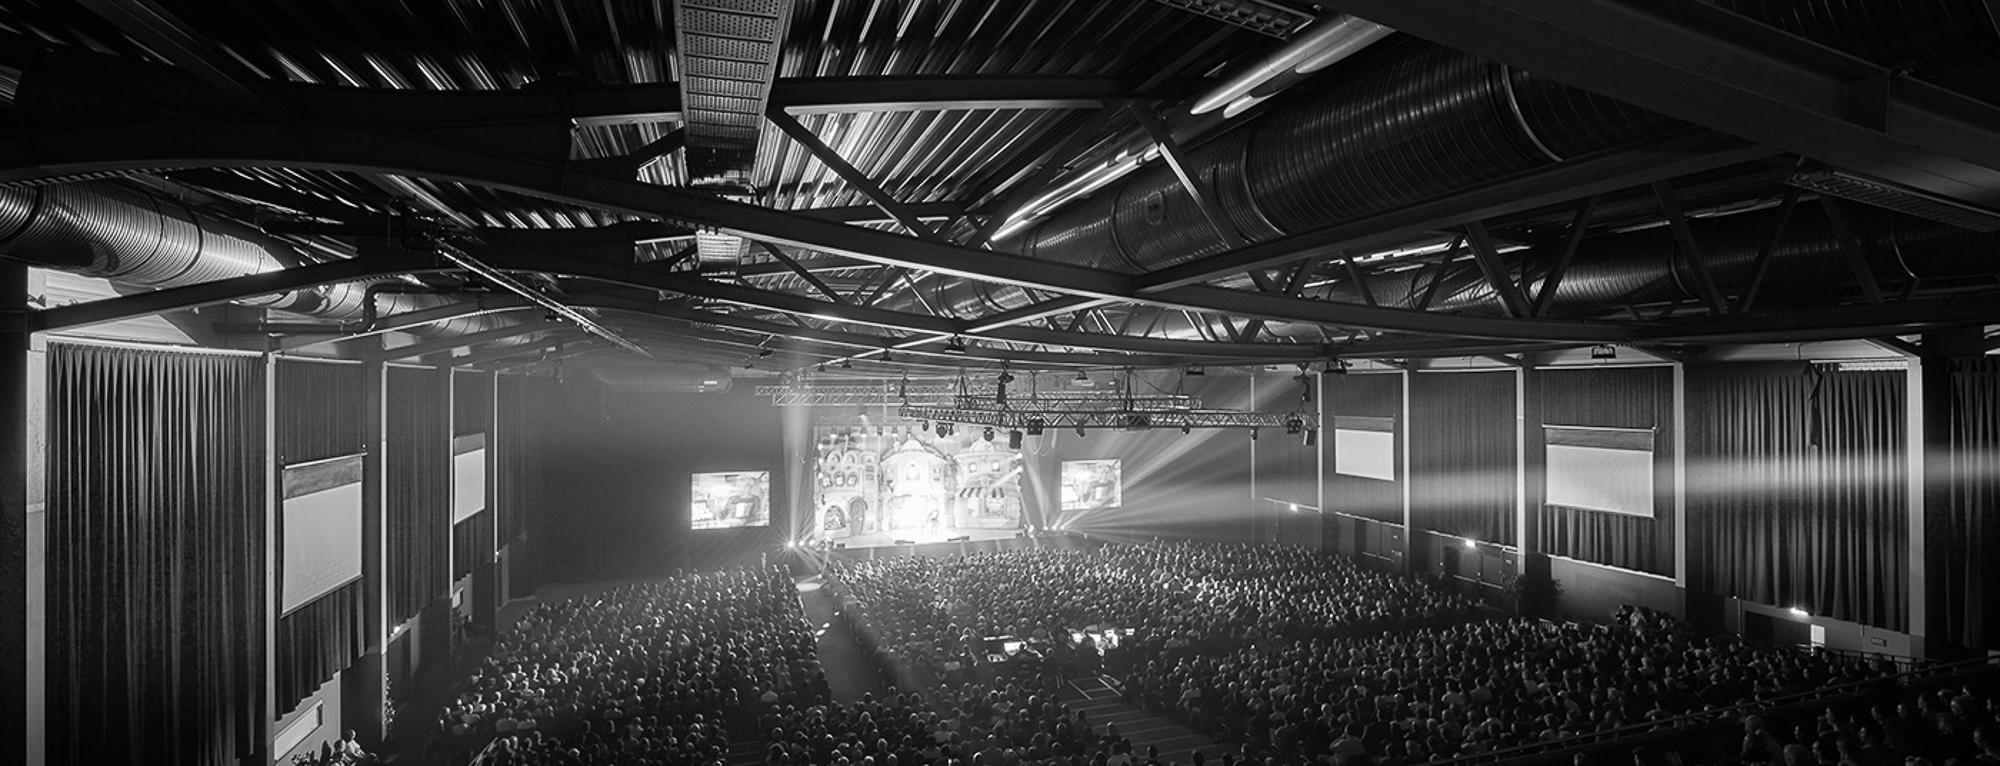 DE_Landshut_Sparkassenarena_Veranstaltung_keine Bildrechte_1000pix_80dpi